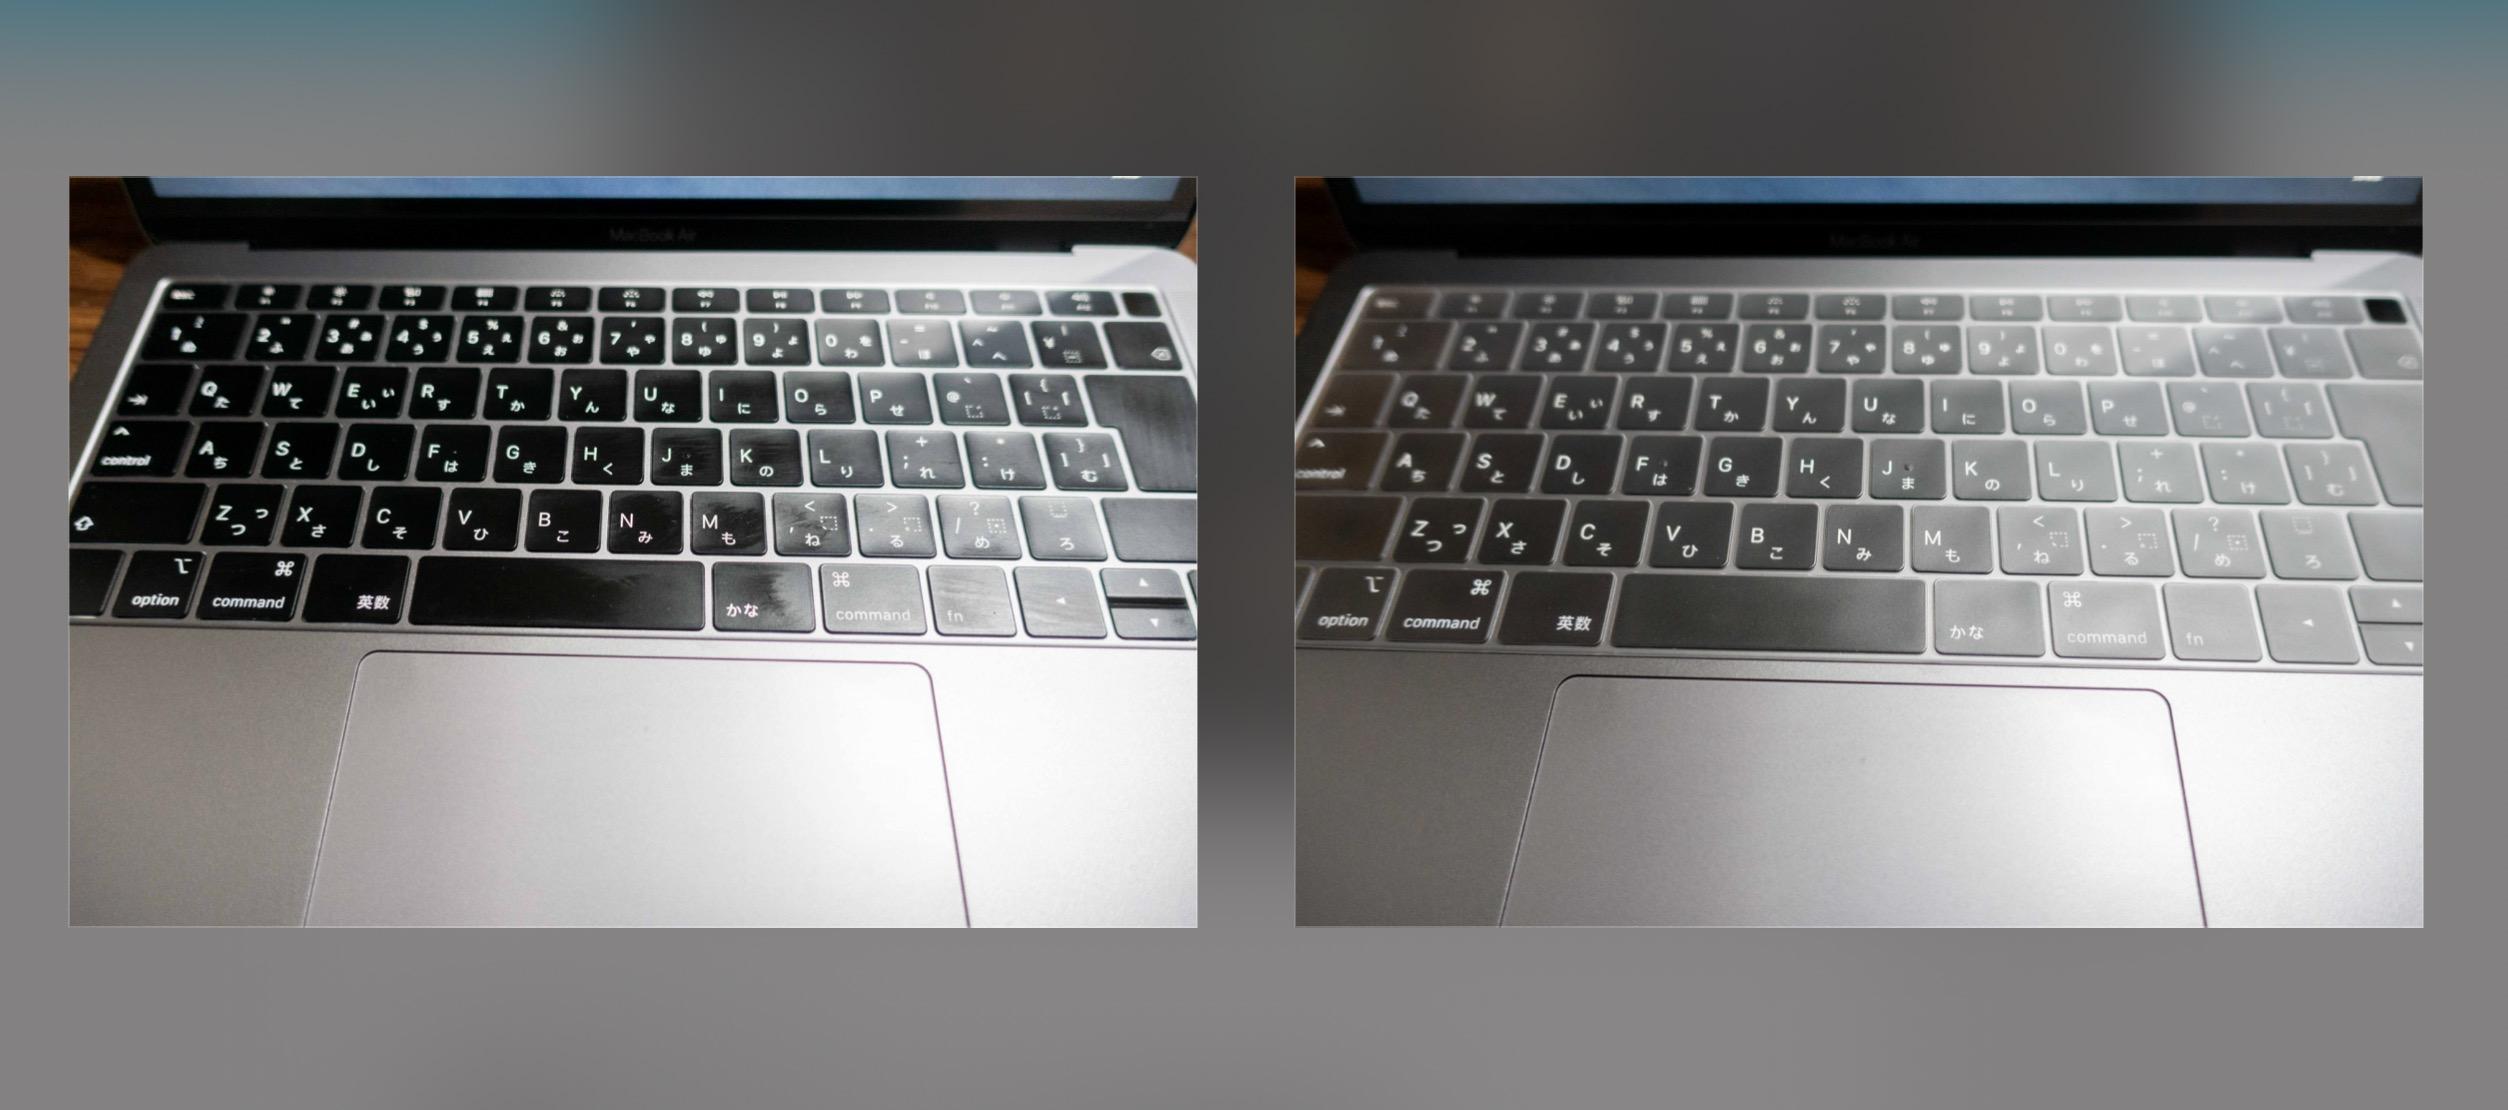 MacBook Air2018キーボードカバー比較